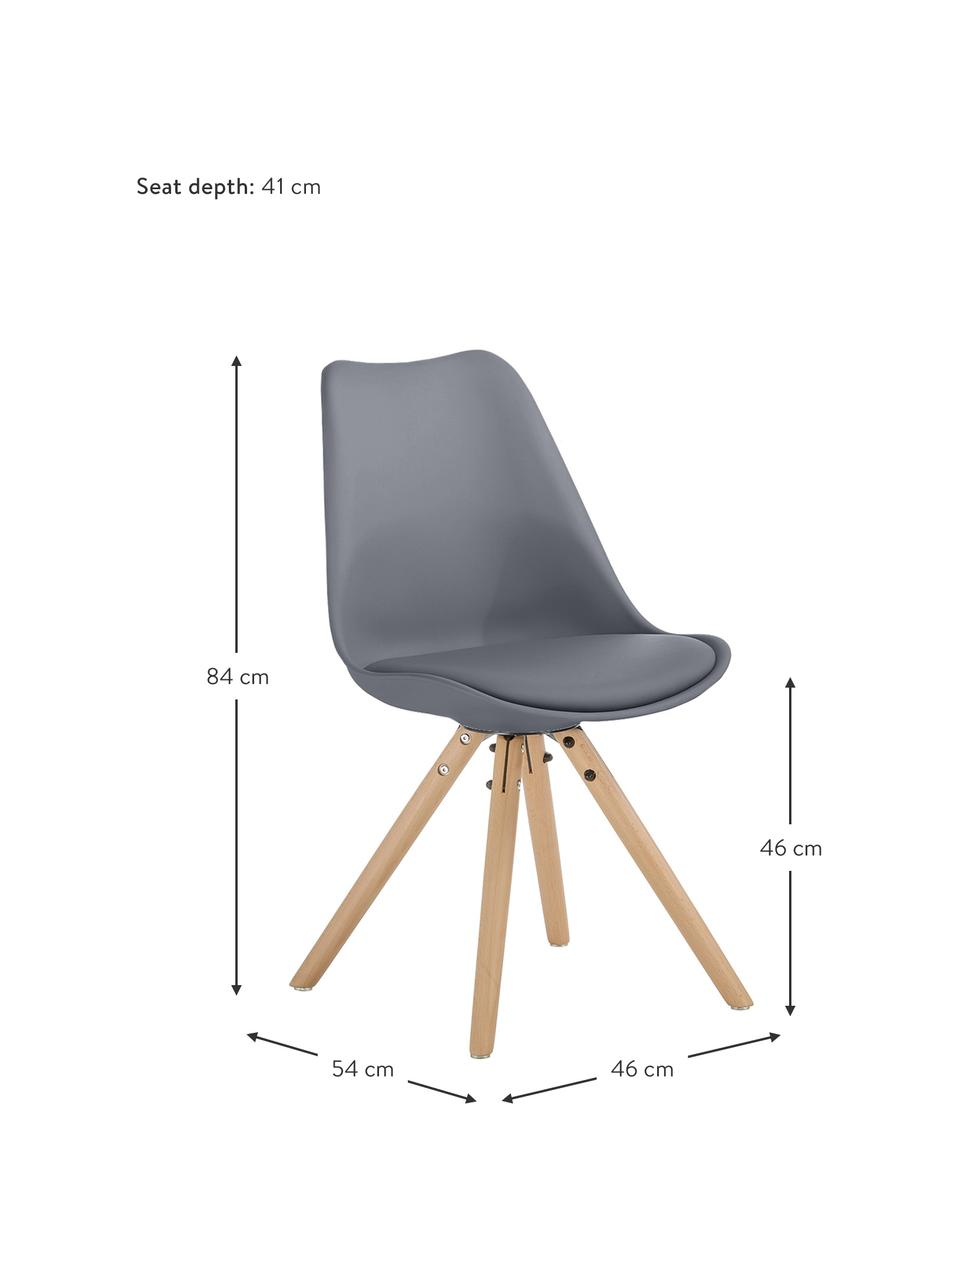 Sedia con seduta in similpelle Max 2 pz, Seduta: similpelle (poliuretano), Seduta: materiale sintetico, Gambe: legno di faggio, Grigio scuro, Larg. 46 x Prof. 54 cm